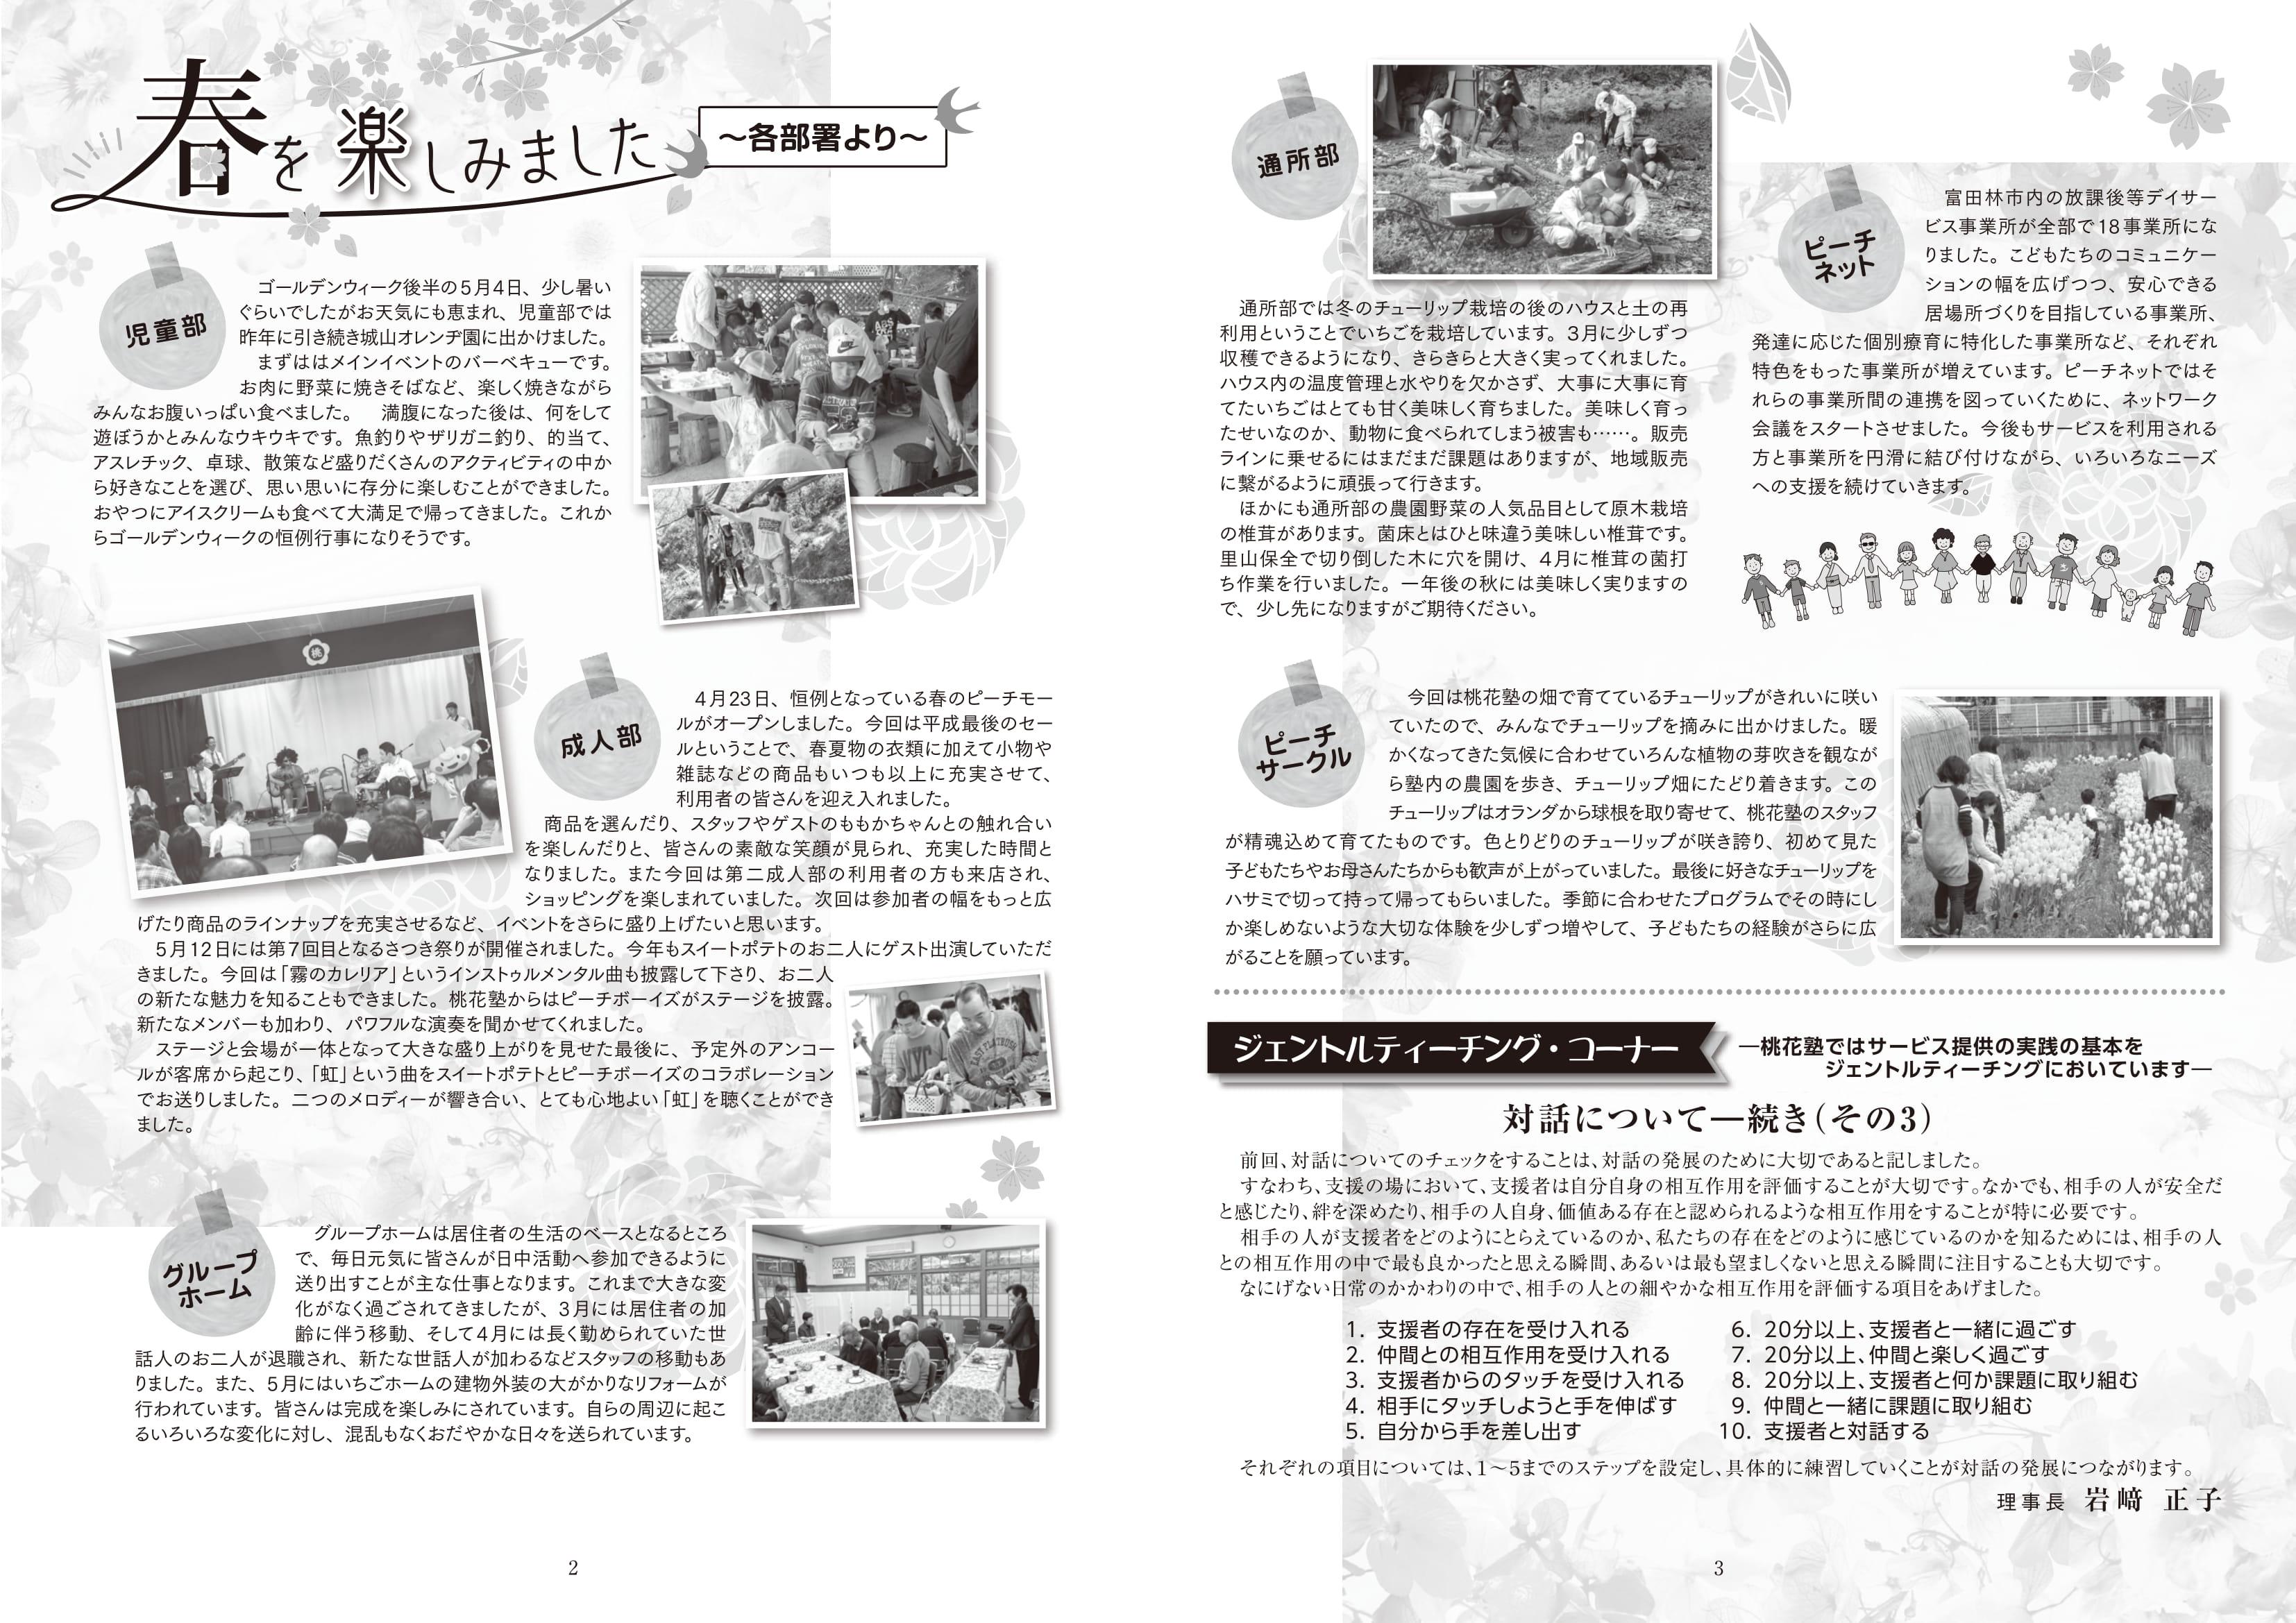 『桃花だより』第49号 2019年5月31日発行